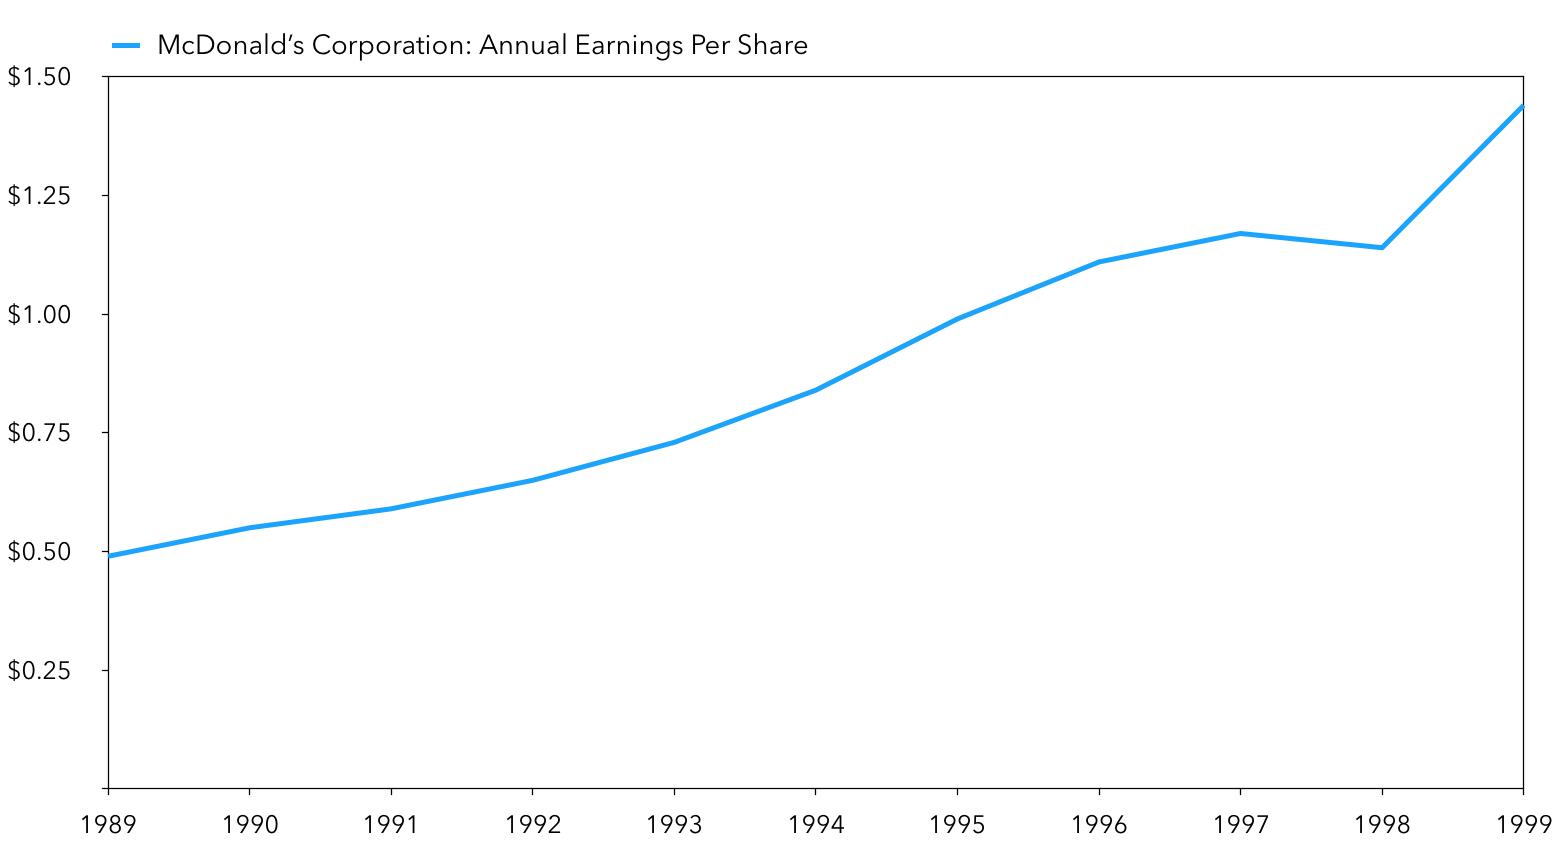 Buffett & McDonald's: MCD EPS In The 1990s